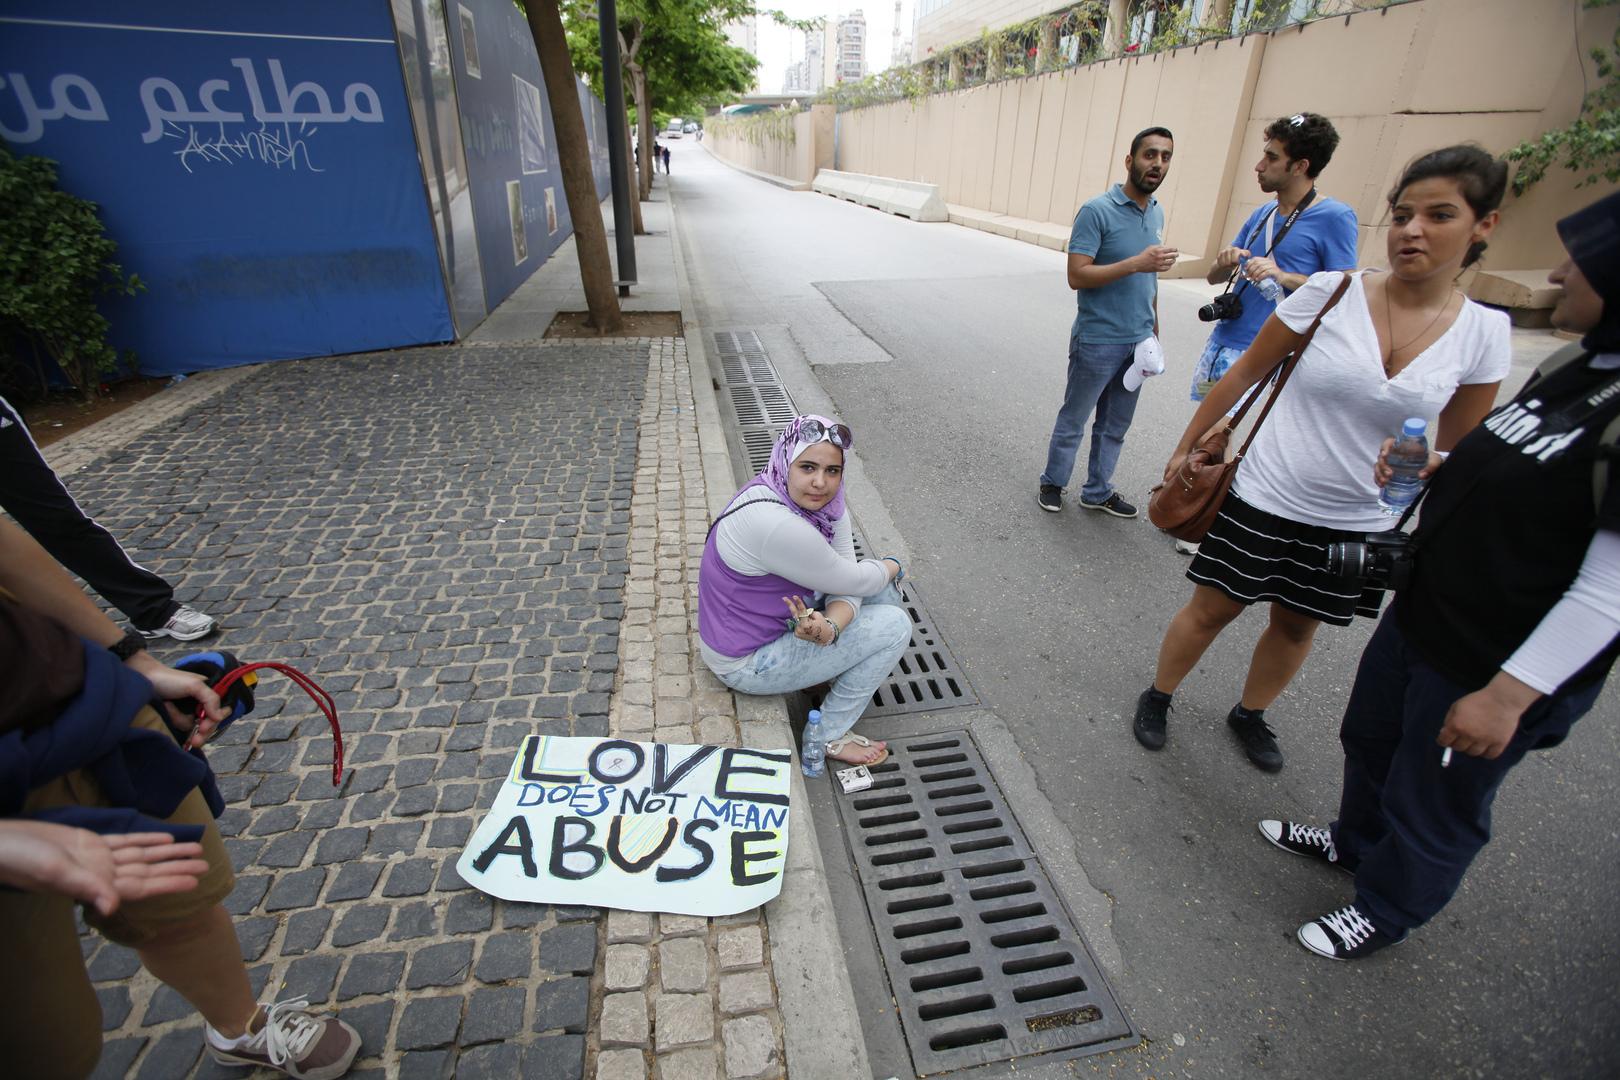 احتجاج ضد العنف تجاه المرأة في بيروت. الصورة: أرشيف.